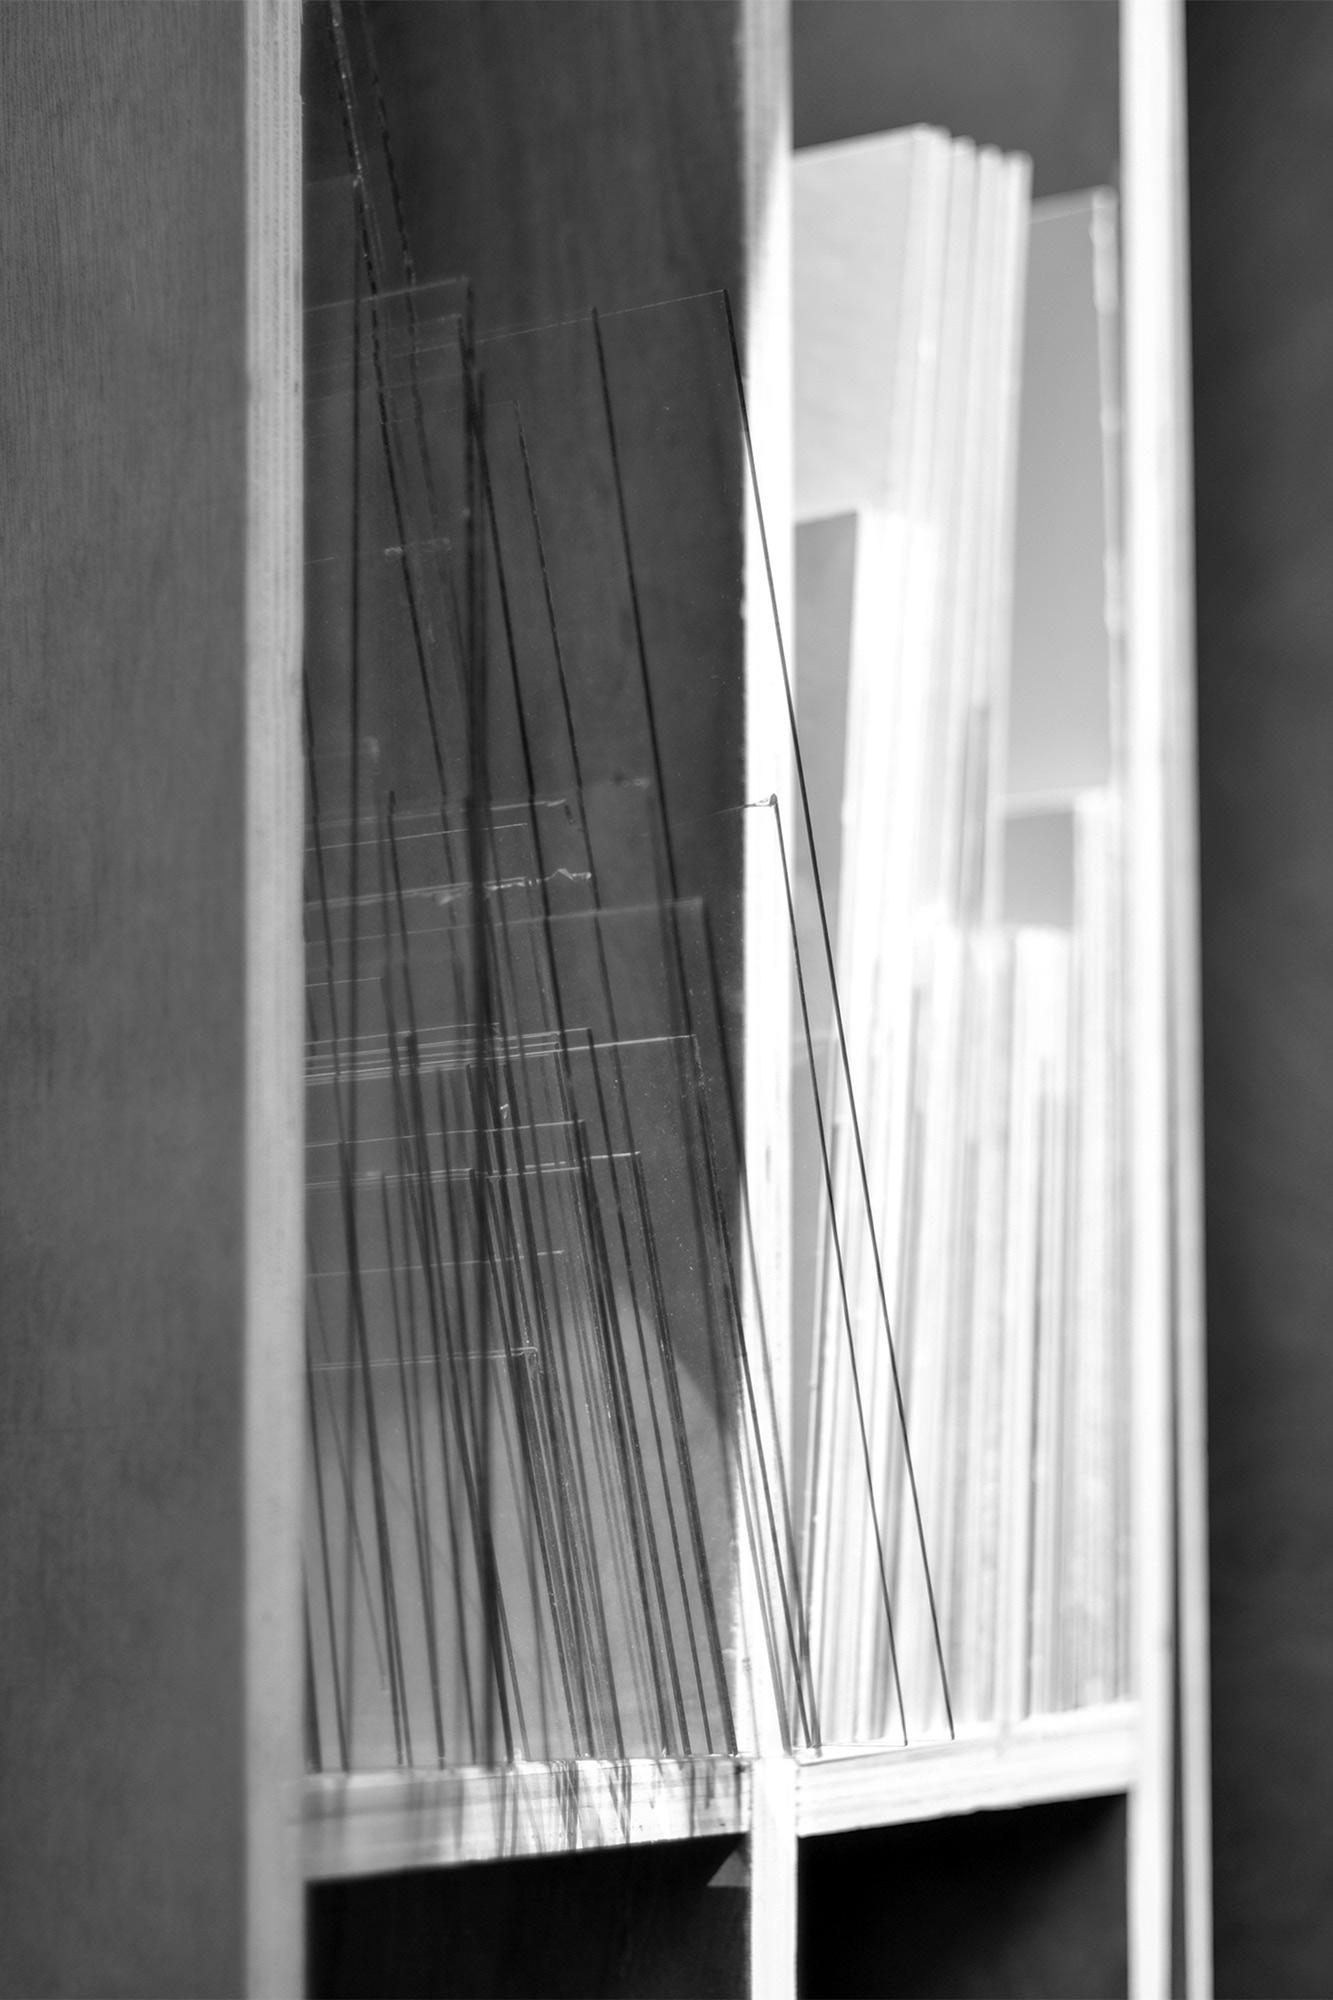 Neess encadrement atelier encadreur cadres sur-mesure style ancien contemporain bois aluminium plomb verre anti-reflet passe-partout marie-louise rue du page Châtelain Bruxelles